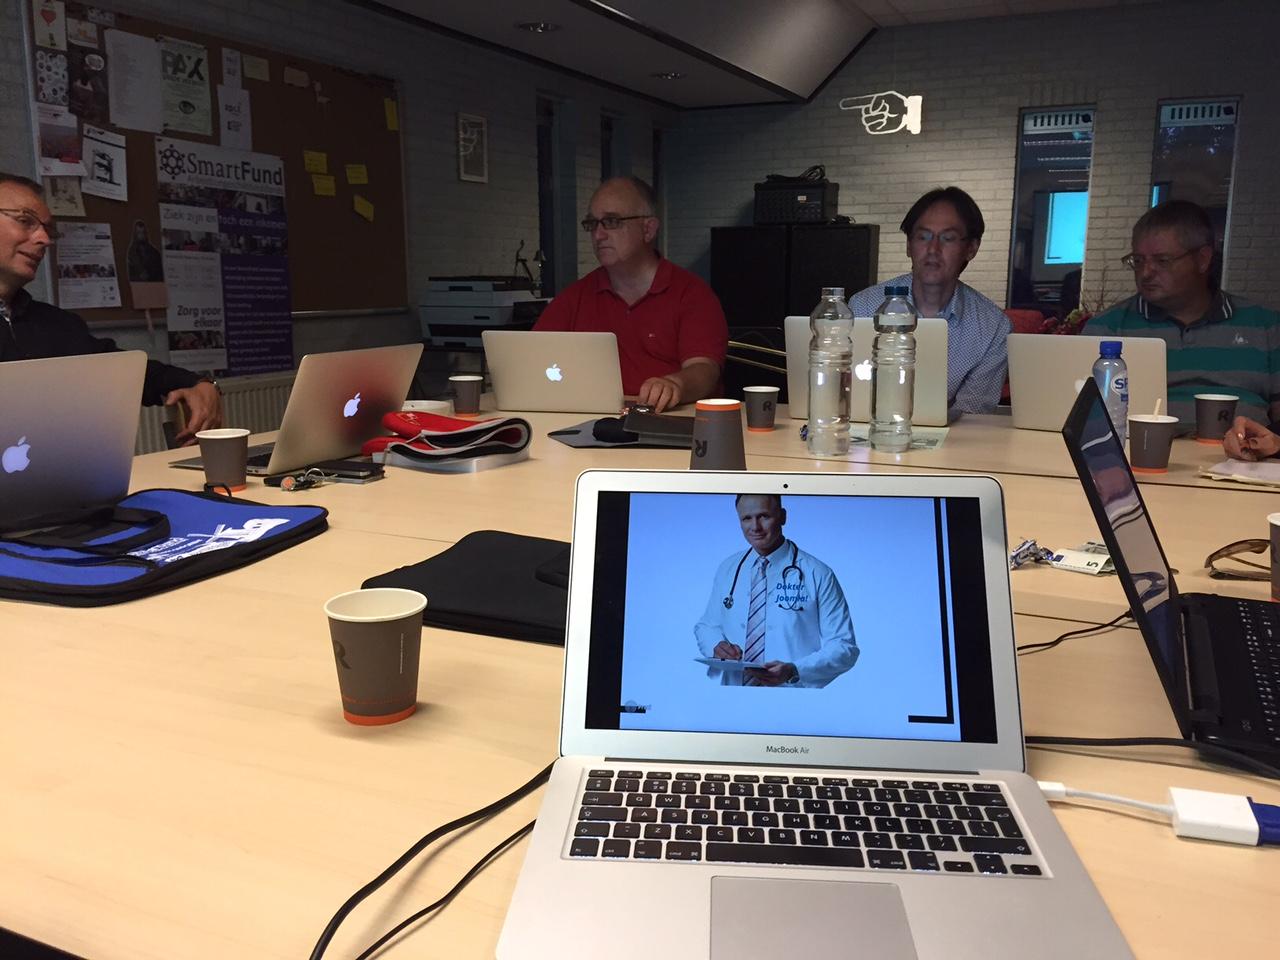 Dokter Joomla! bij JUG Utrecht op 10 augustus 2015